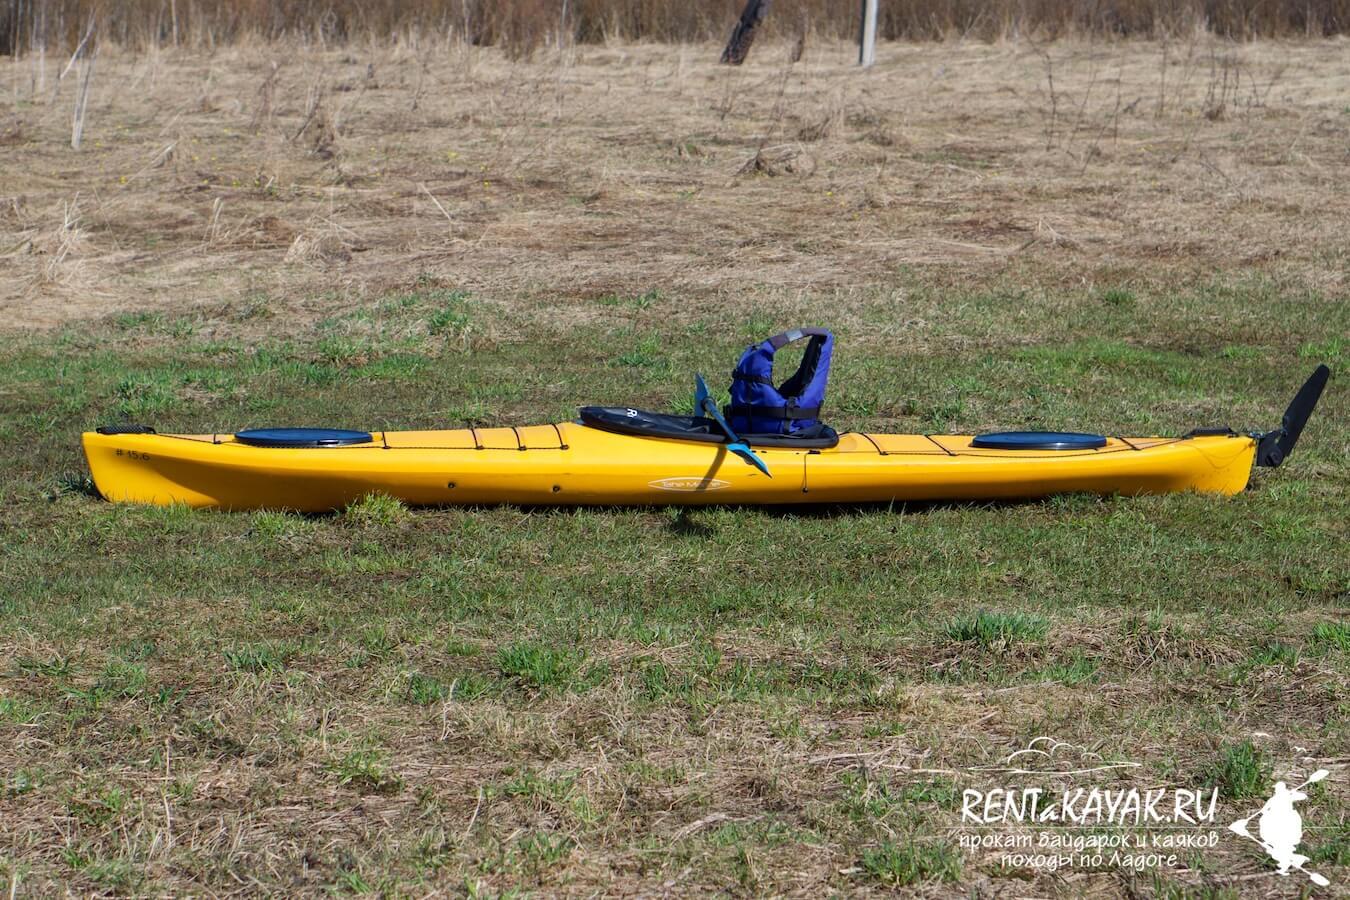 Rentakayak Tahe Marine LS 420 Yellow 1